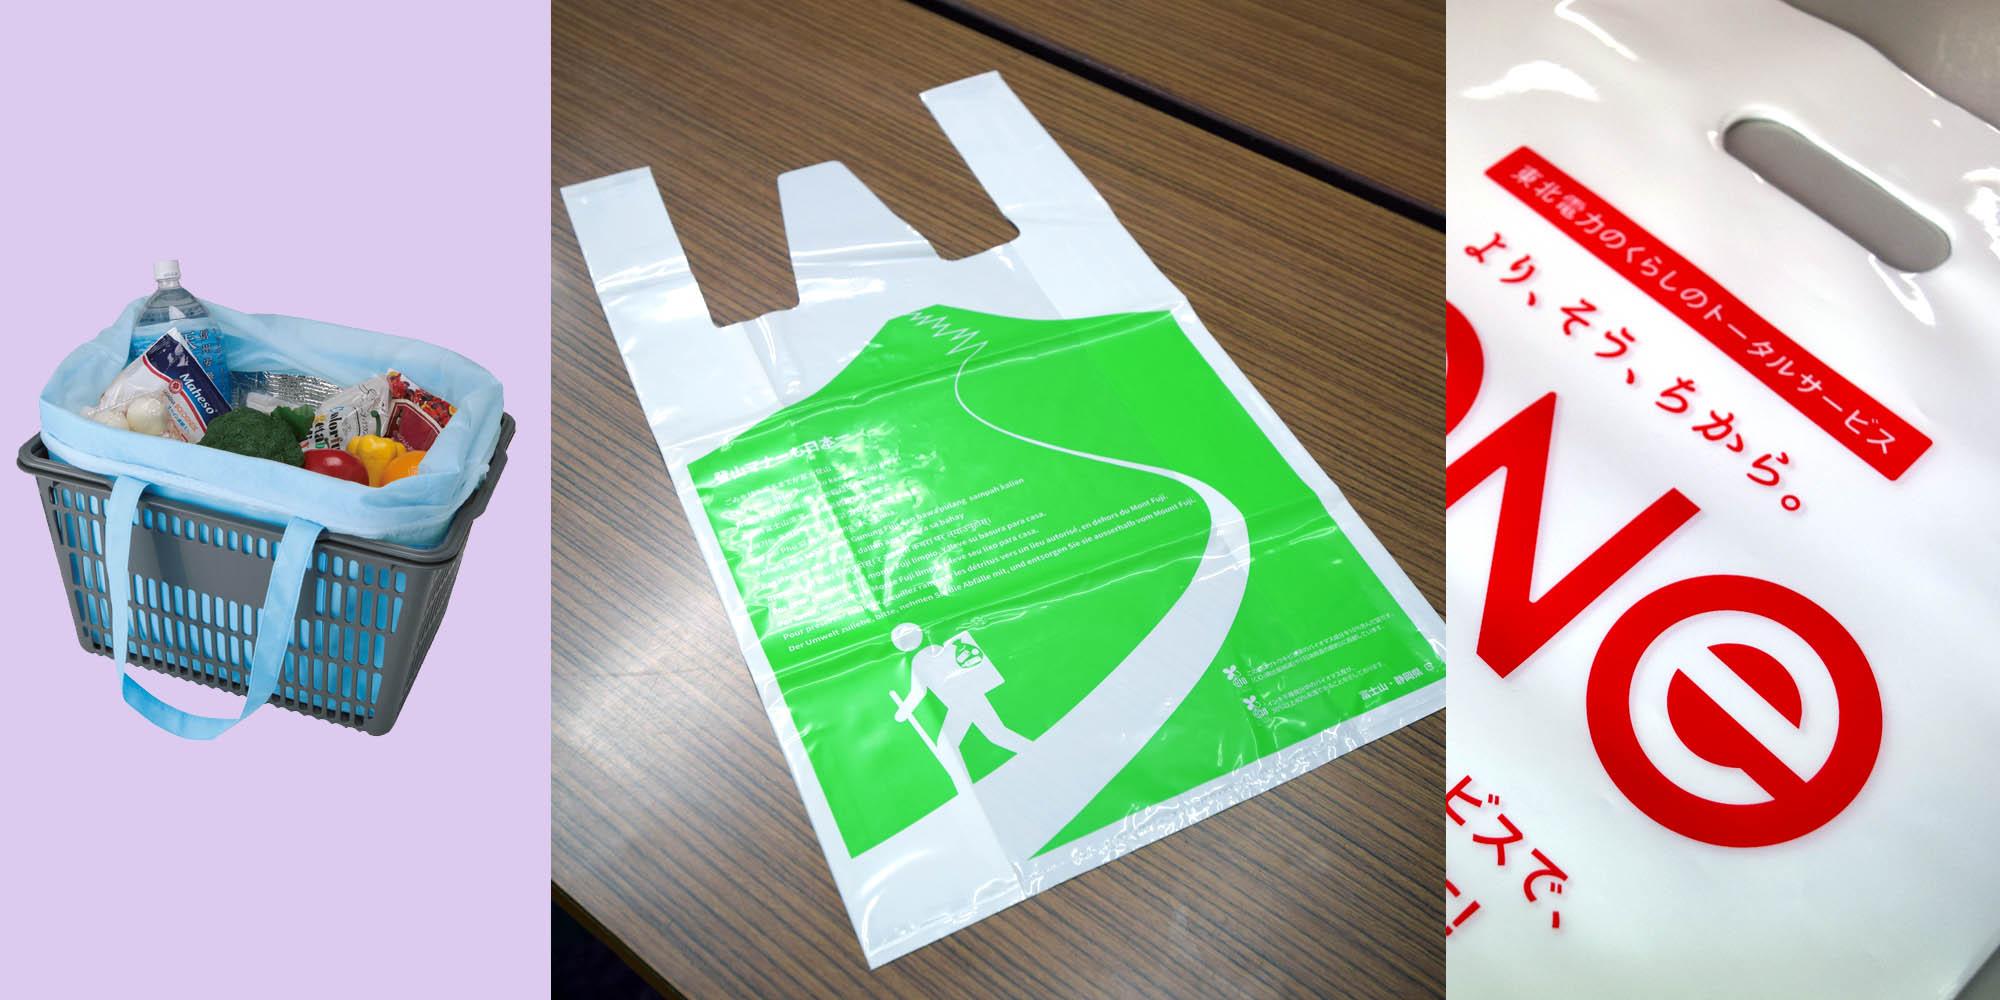 プラスチック製買物袋有料化制度とは? 持ち帰り用の袋における影響と対策を考えてみます。